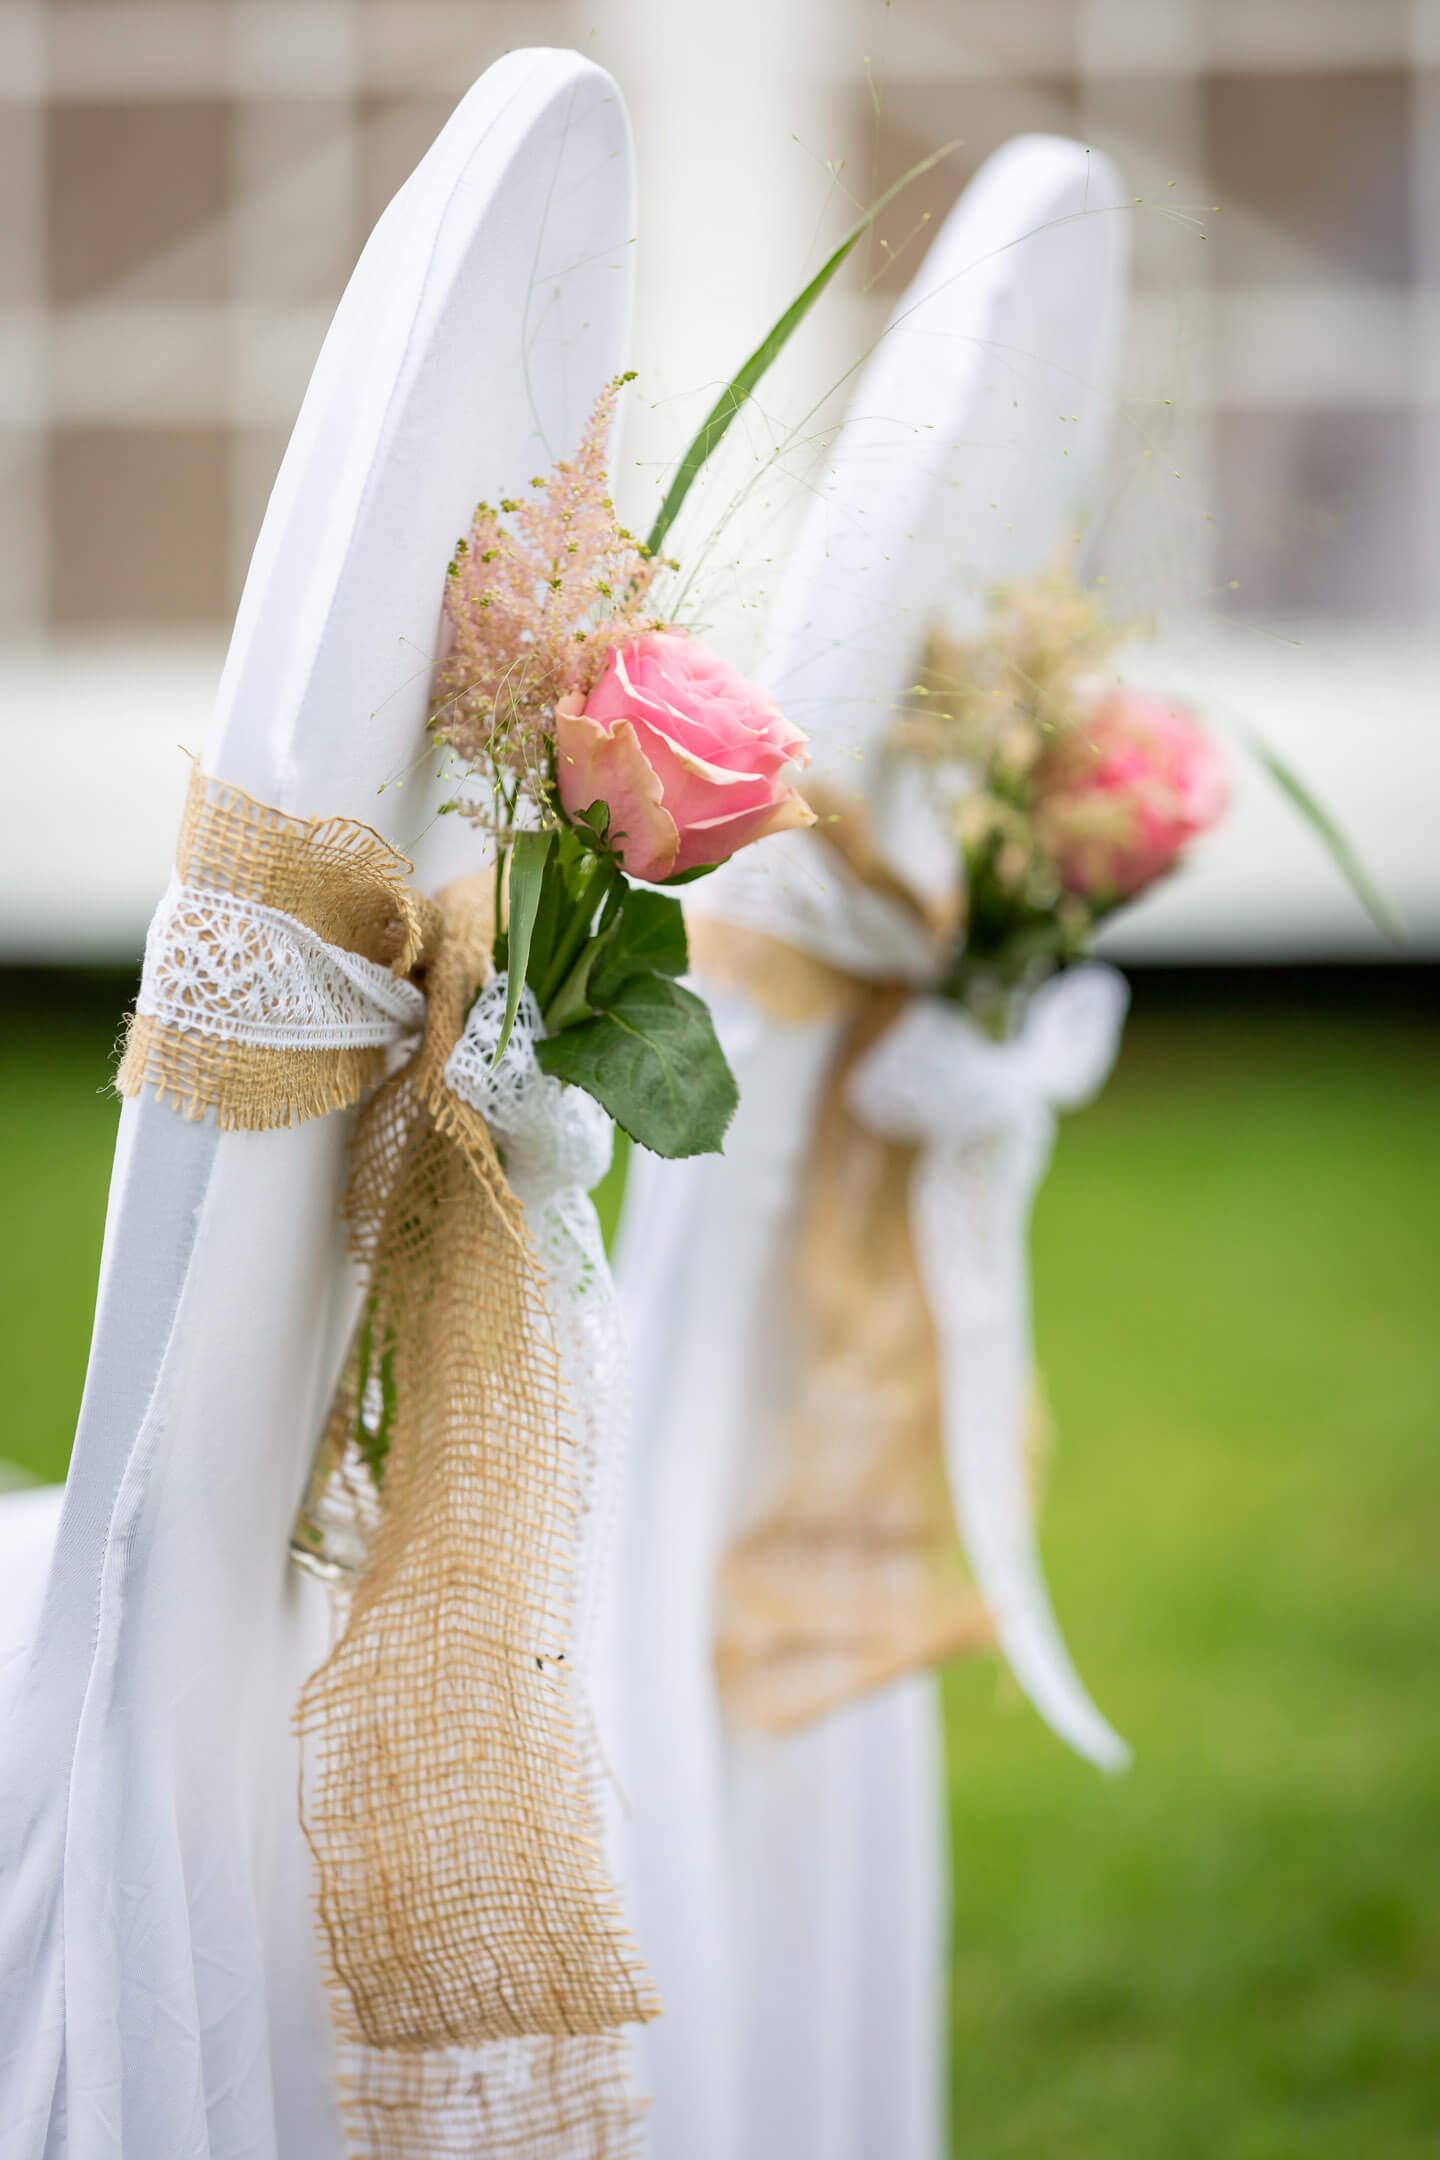 Stuhldeko für Hochzeit im Garten